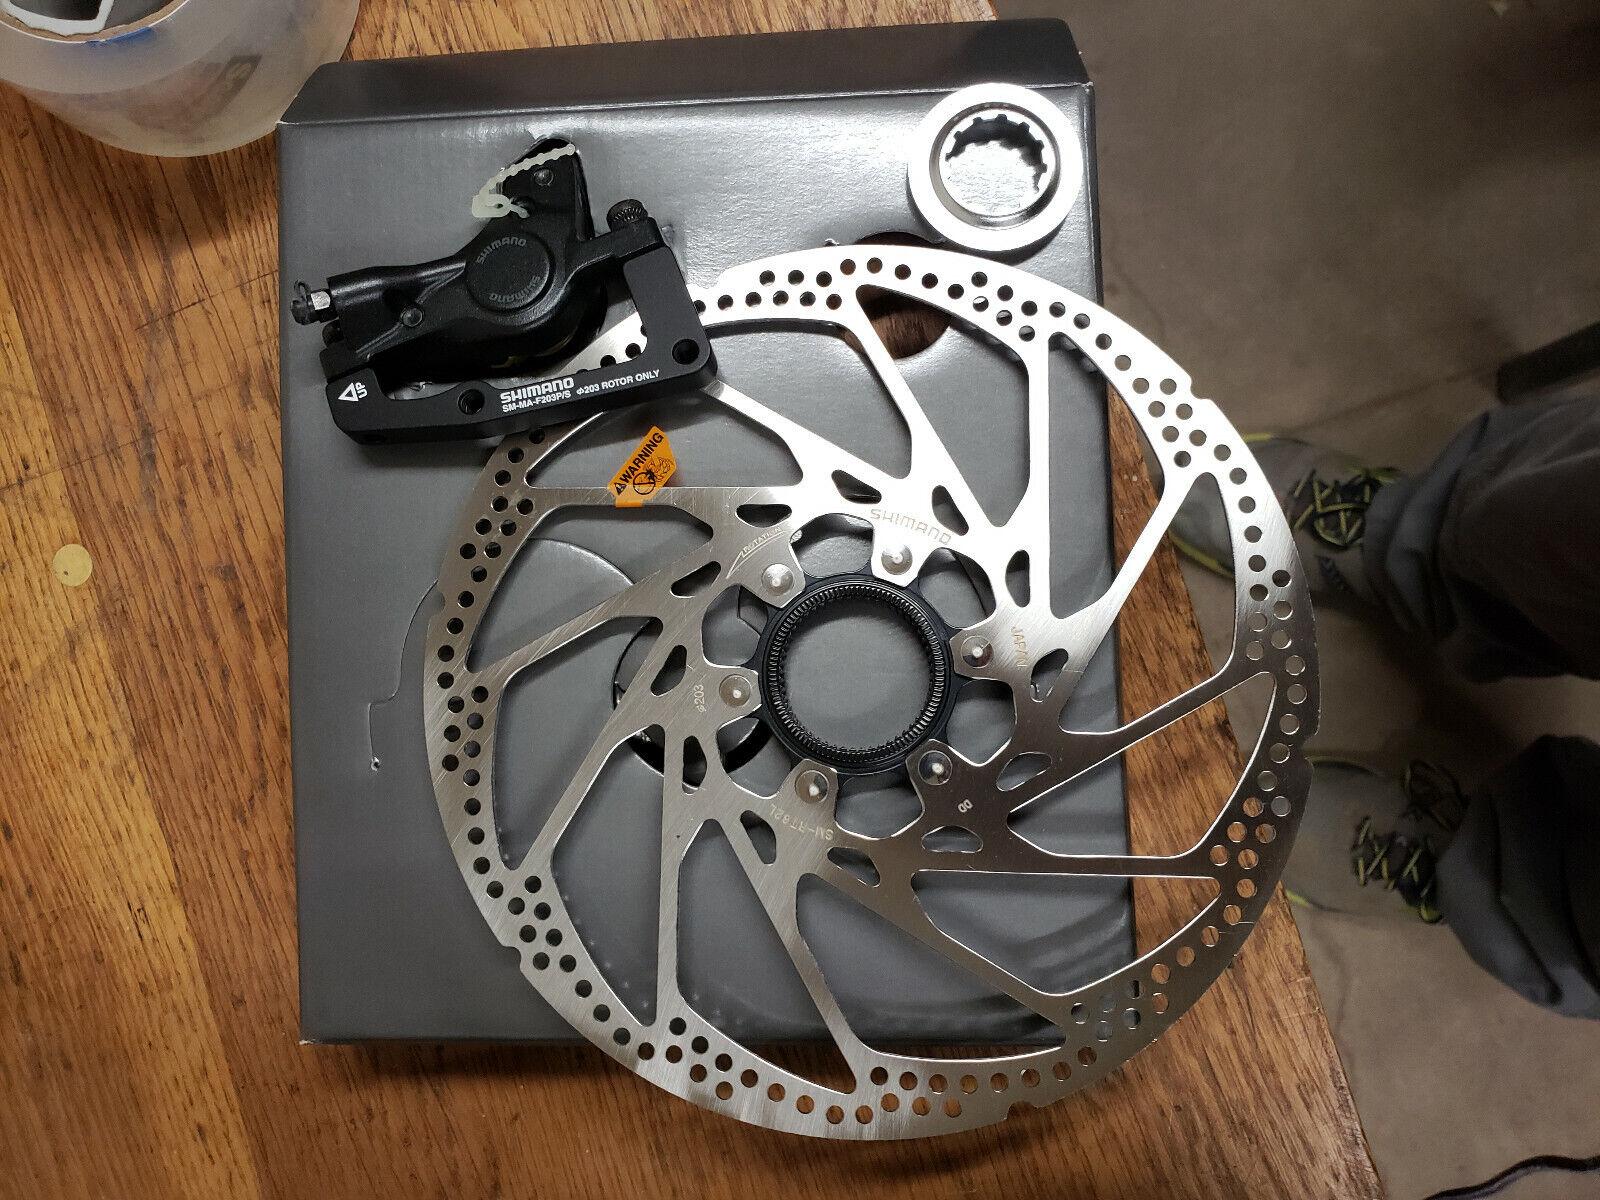 Hone 203 brake disc with caliper and bracket and brake pads SKU 689228078604